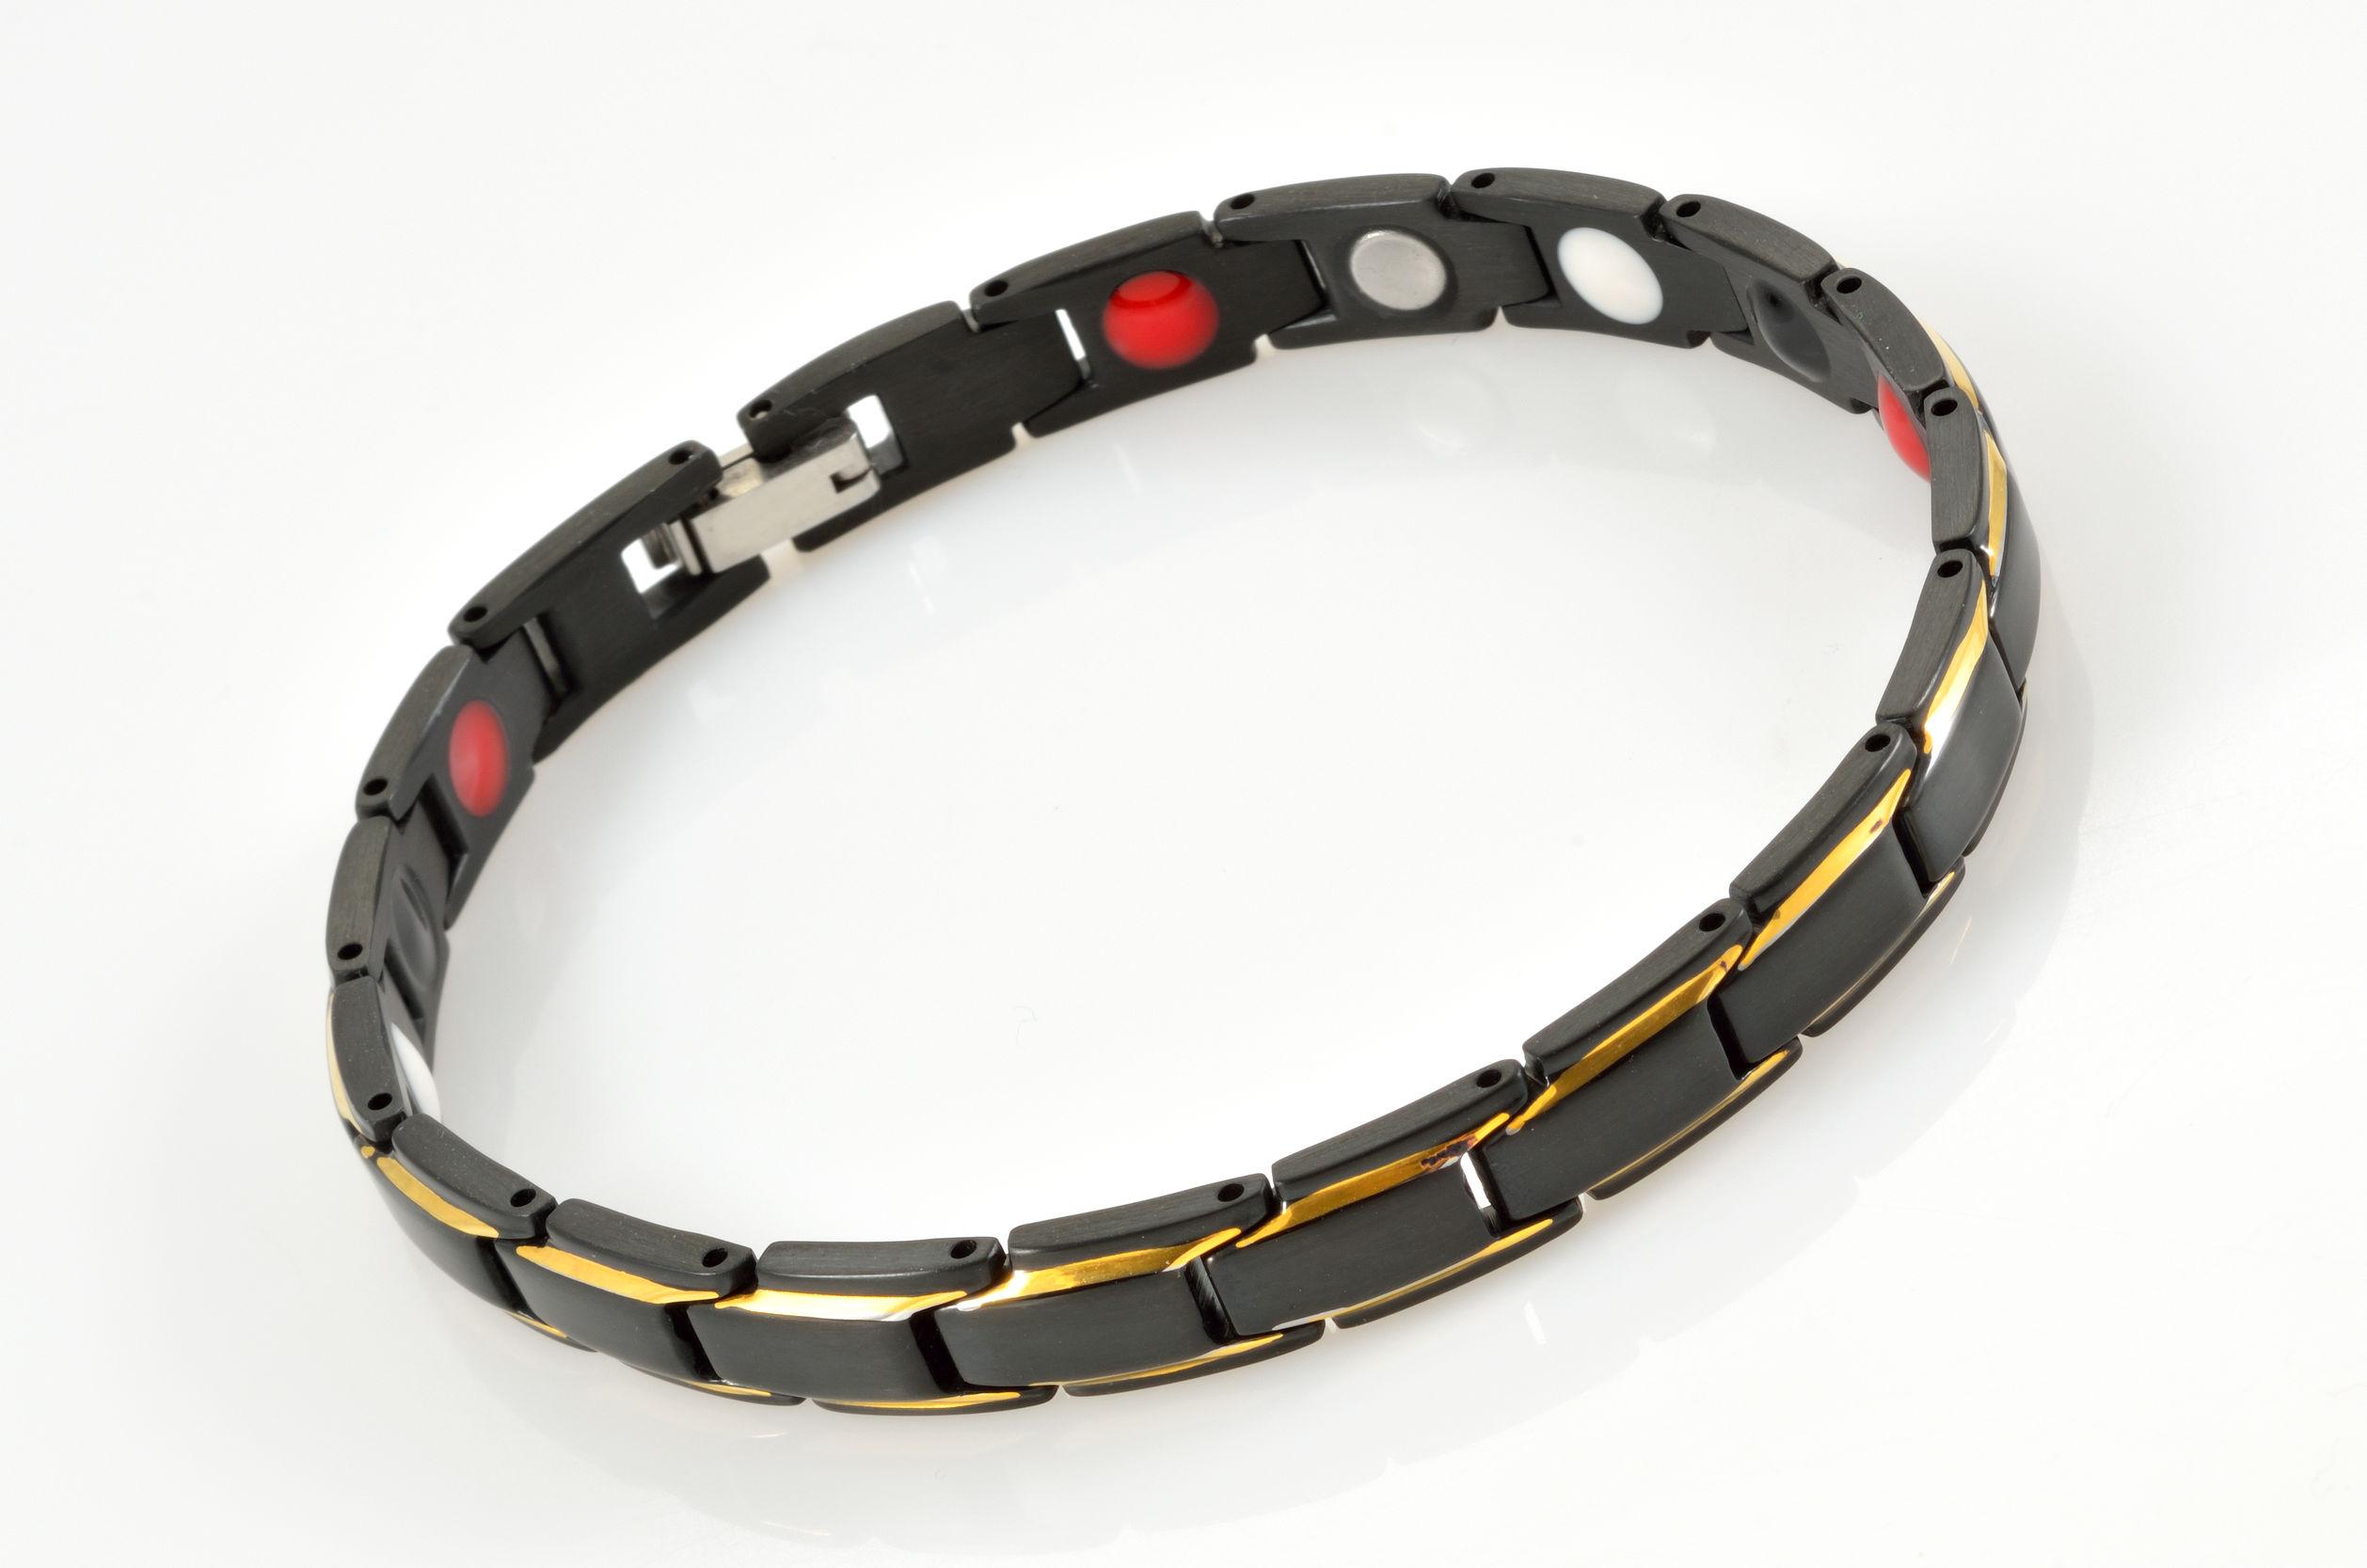 Imagem de uma pulseira magnética.